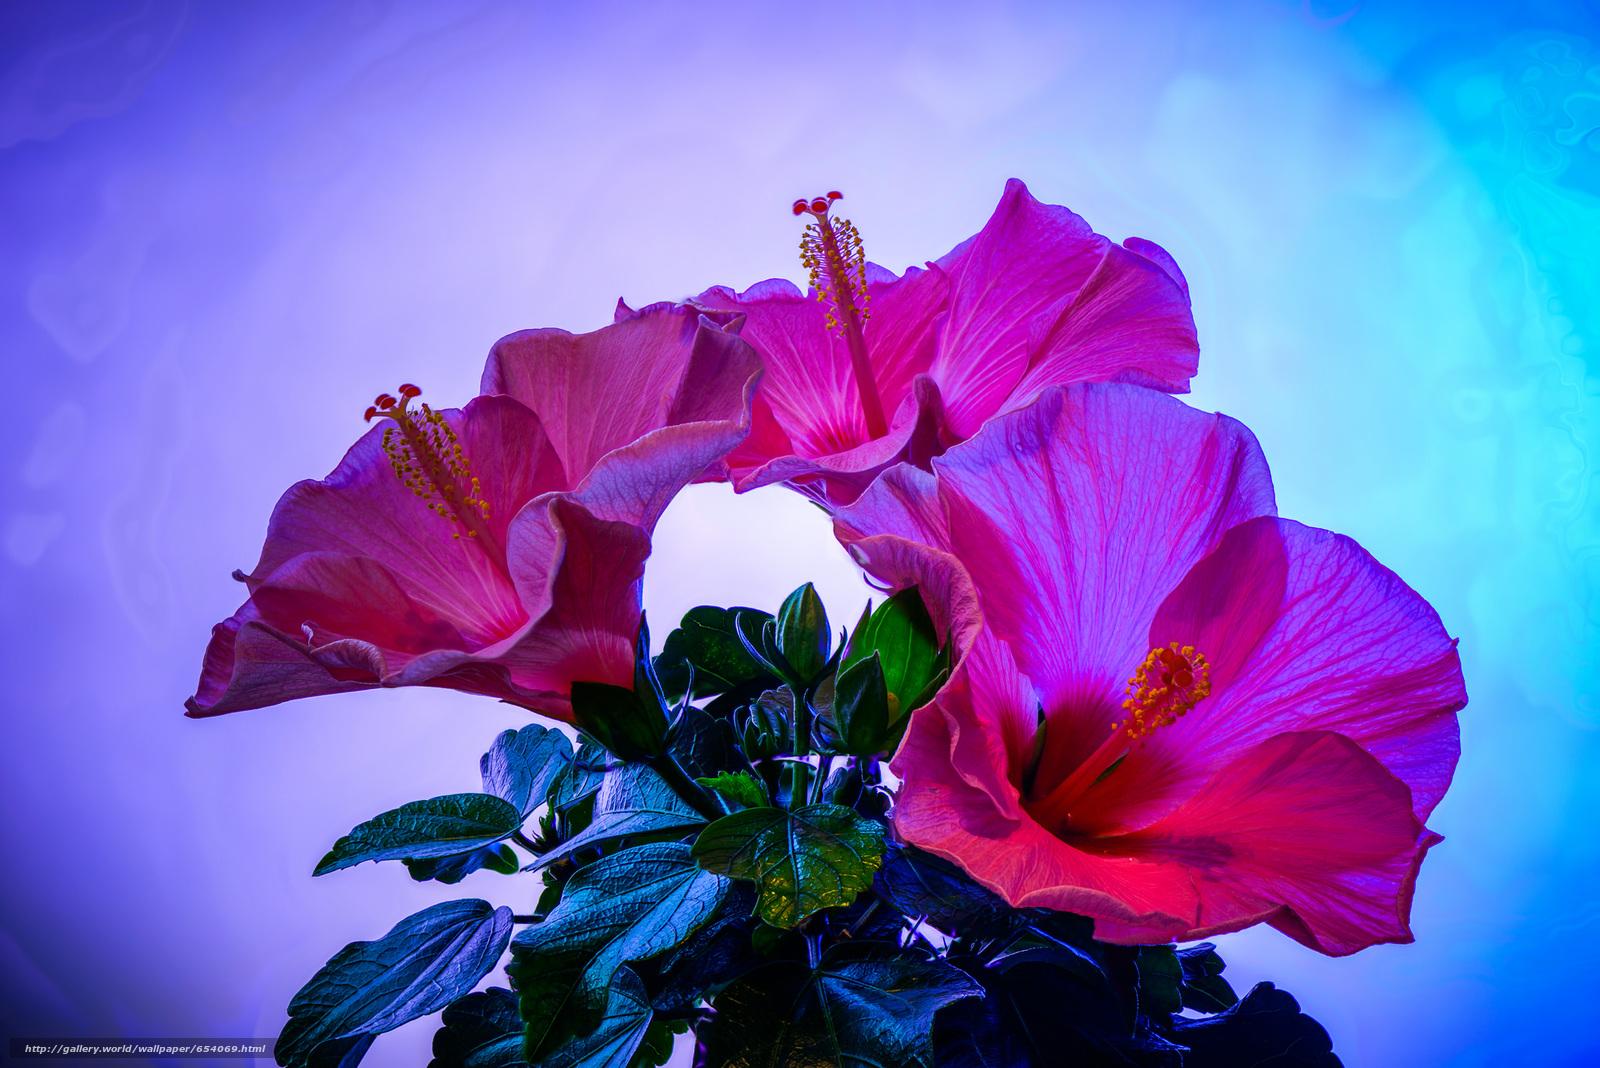 Скачать обои Hibiscus,  цветок,  флора бесплатно для рабочего стола в разрешении 2048x1367 — картинка №654069